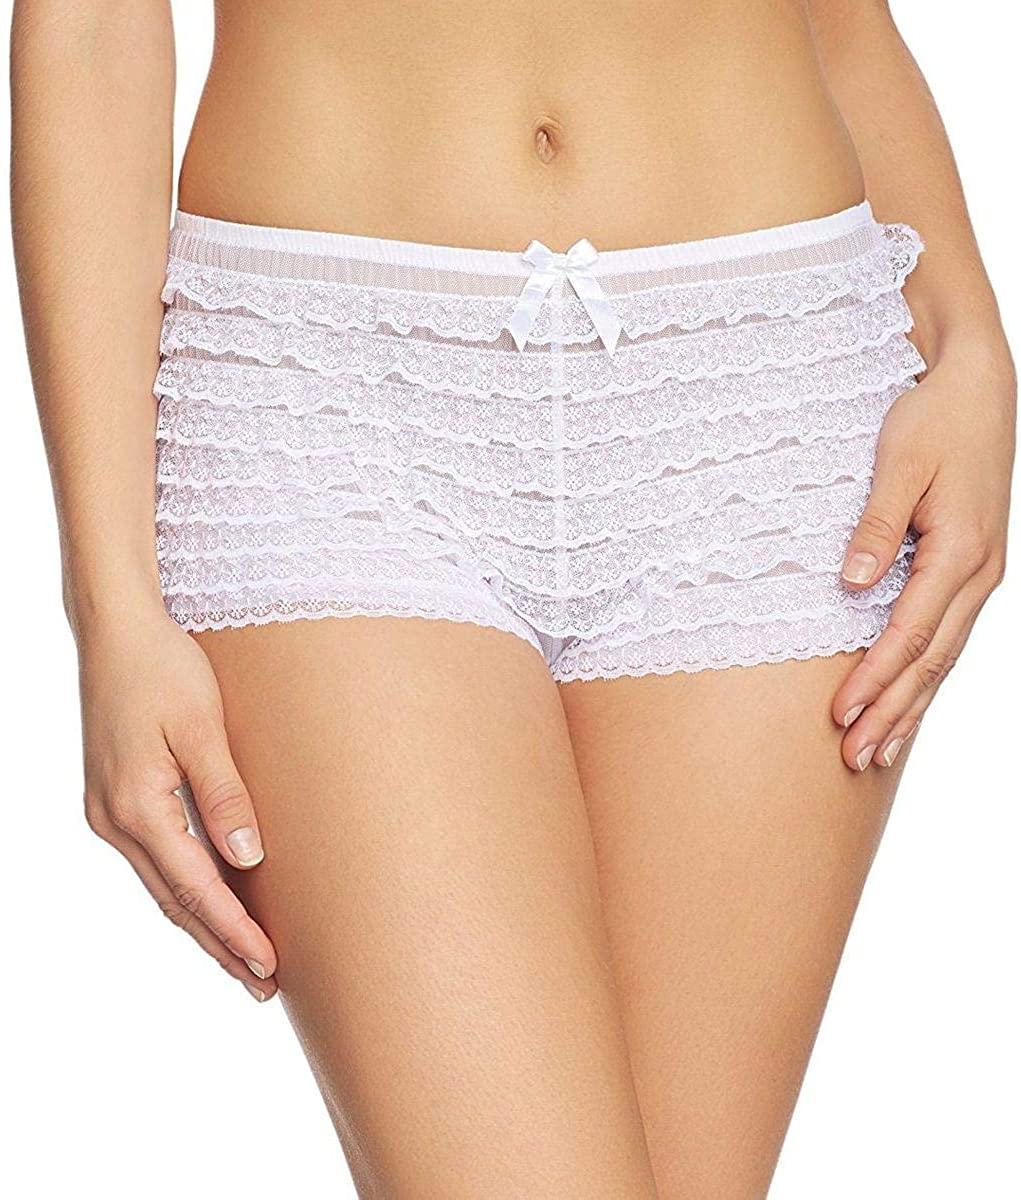 Leg Avenue Sexy White Ruffle Tanga Panties